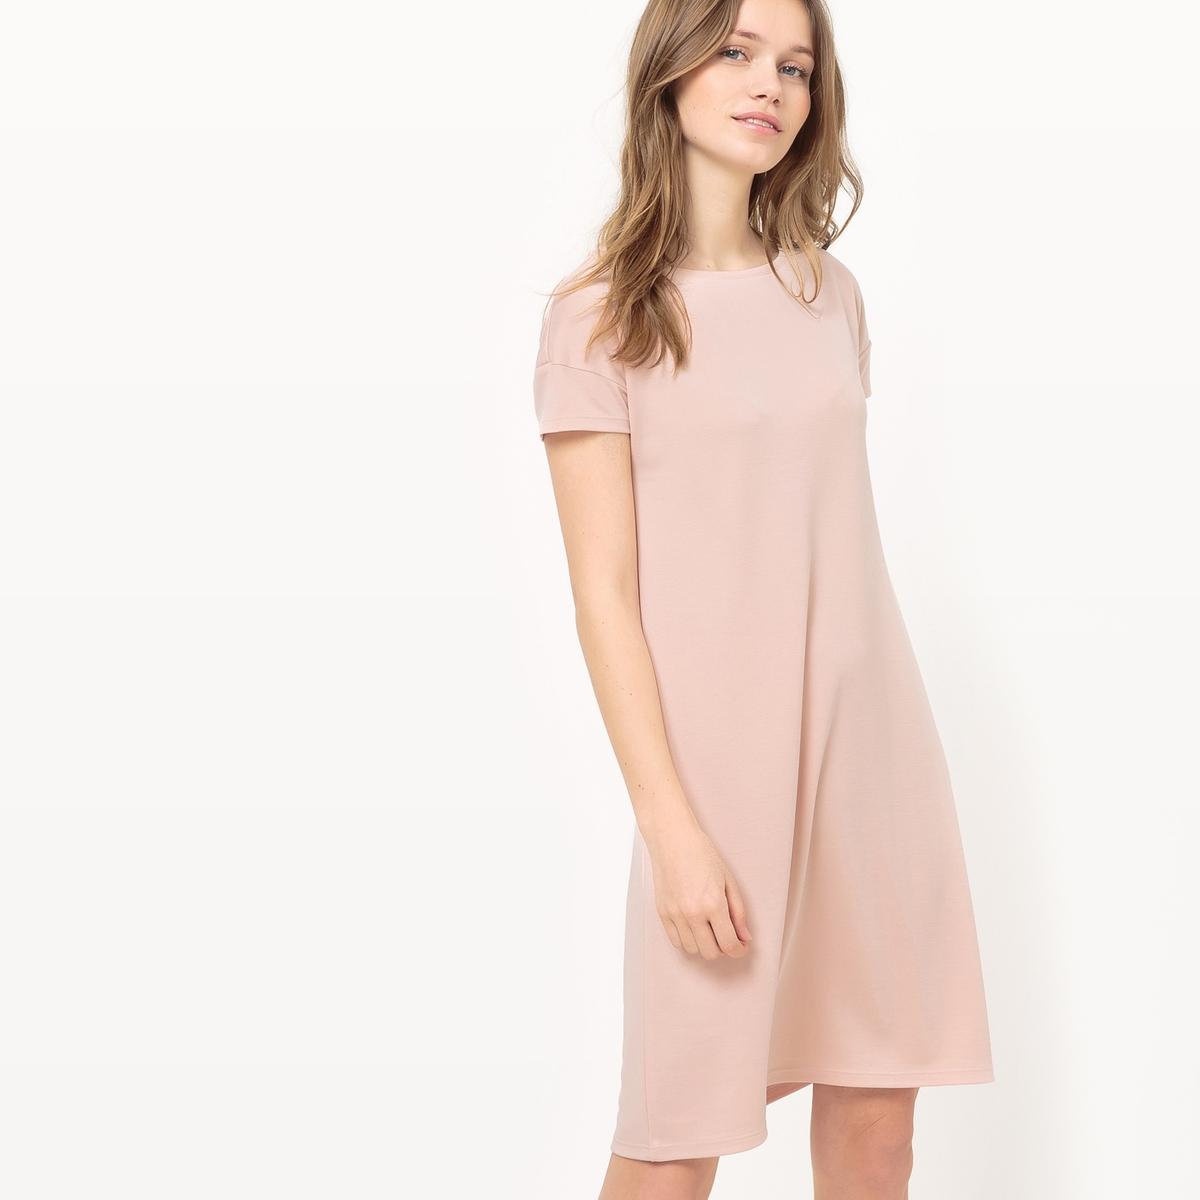 Платье-трапеция с короткими рукавами из модалаМатериал : 70% модала, 30% полиэстера  Длина рукава : короткие рукава  Форма воротника : круглый вырез Покрой платья : платье прямого покроя      Рисунок : однотонная модель   Длина платья : короткое<br><br>Цвет: антрацит,бледно-розовый,зеленый<br>Размер: S.S